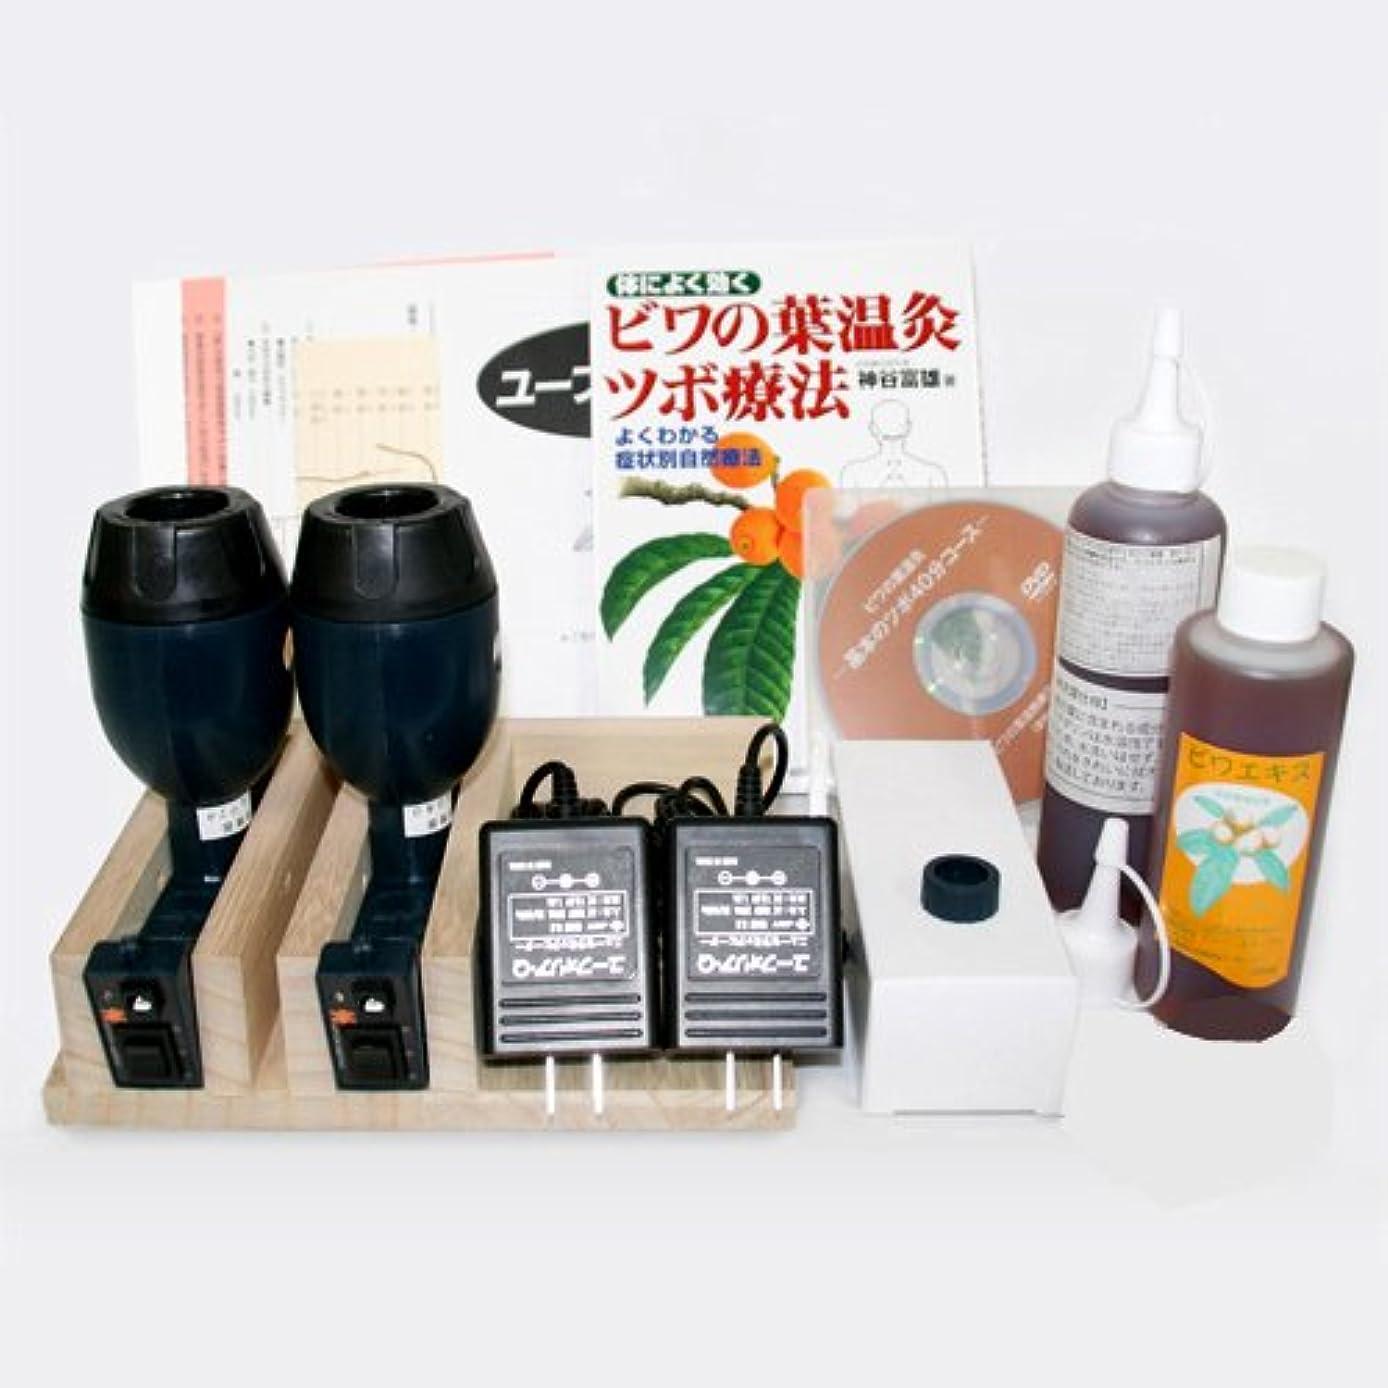 潜む行為異なるびわの葉温灸器ユーフォリアQ+専用カセット54個+ビワエキス計450ミリ+DVD?本付